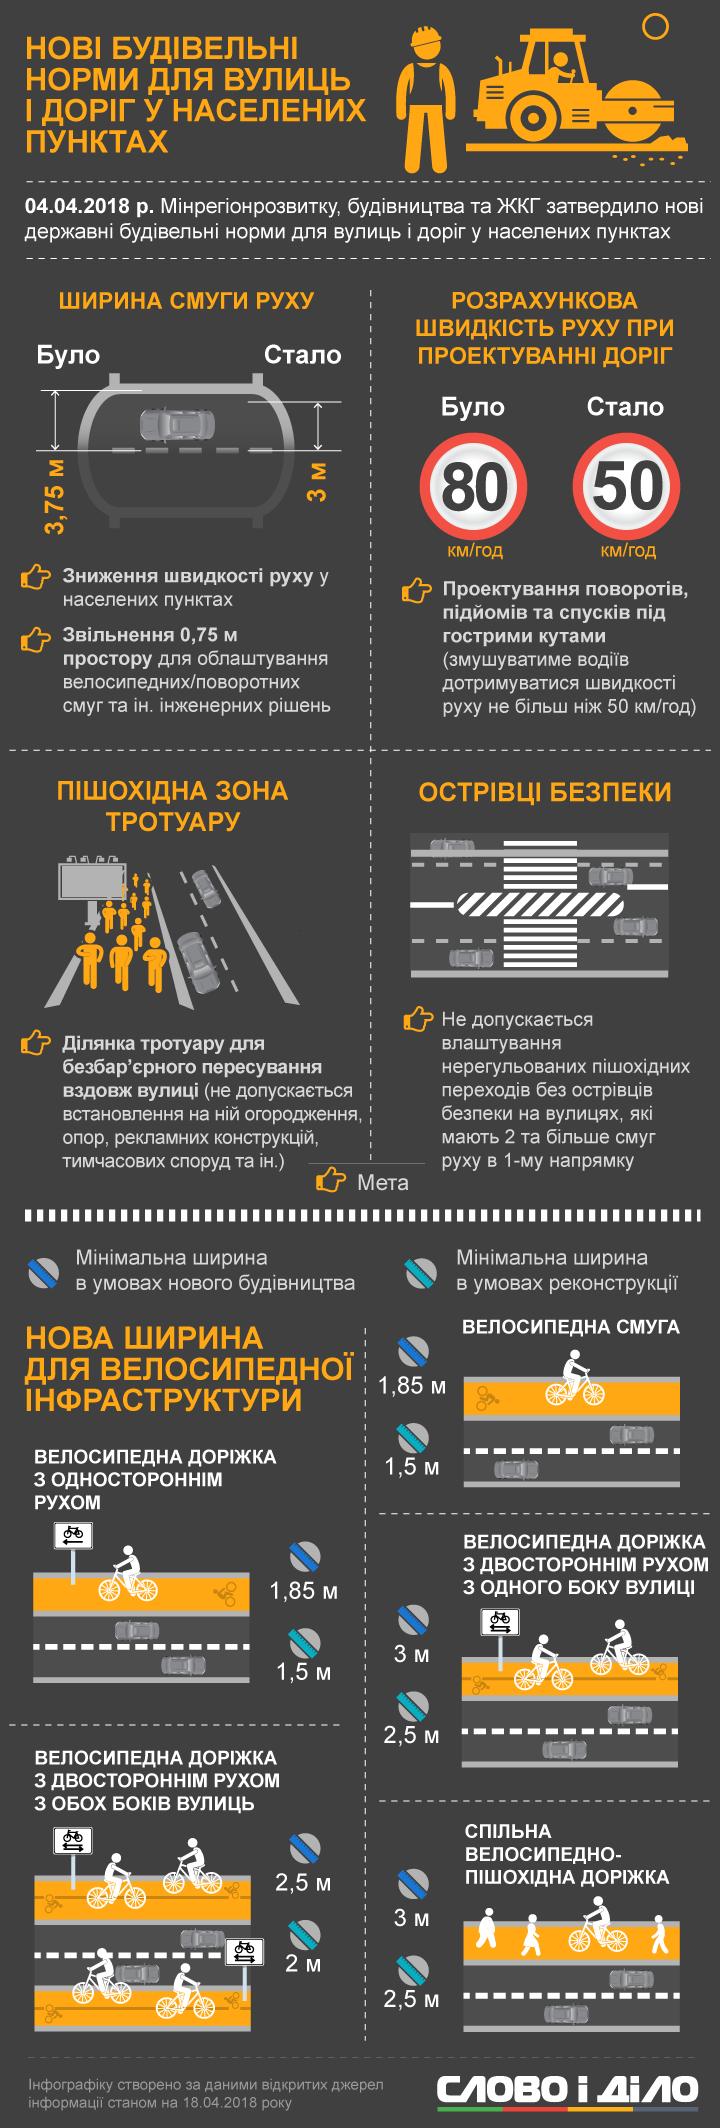 В апреле в Украине приняли новые строительные нормы для дорог, а также закон, дающий возможность инвесторам строить платные автобаны.